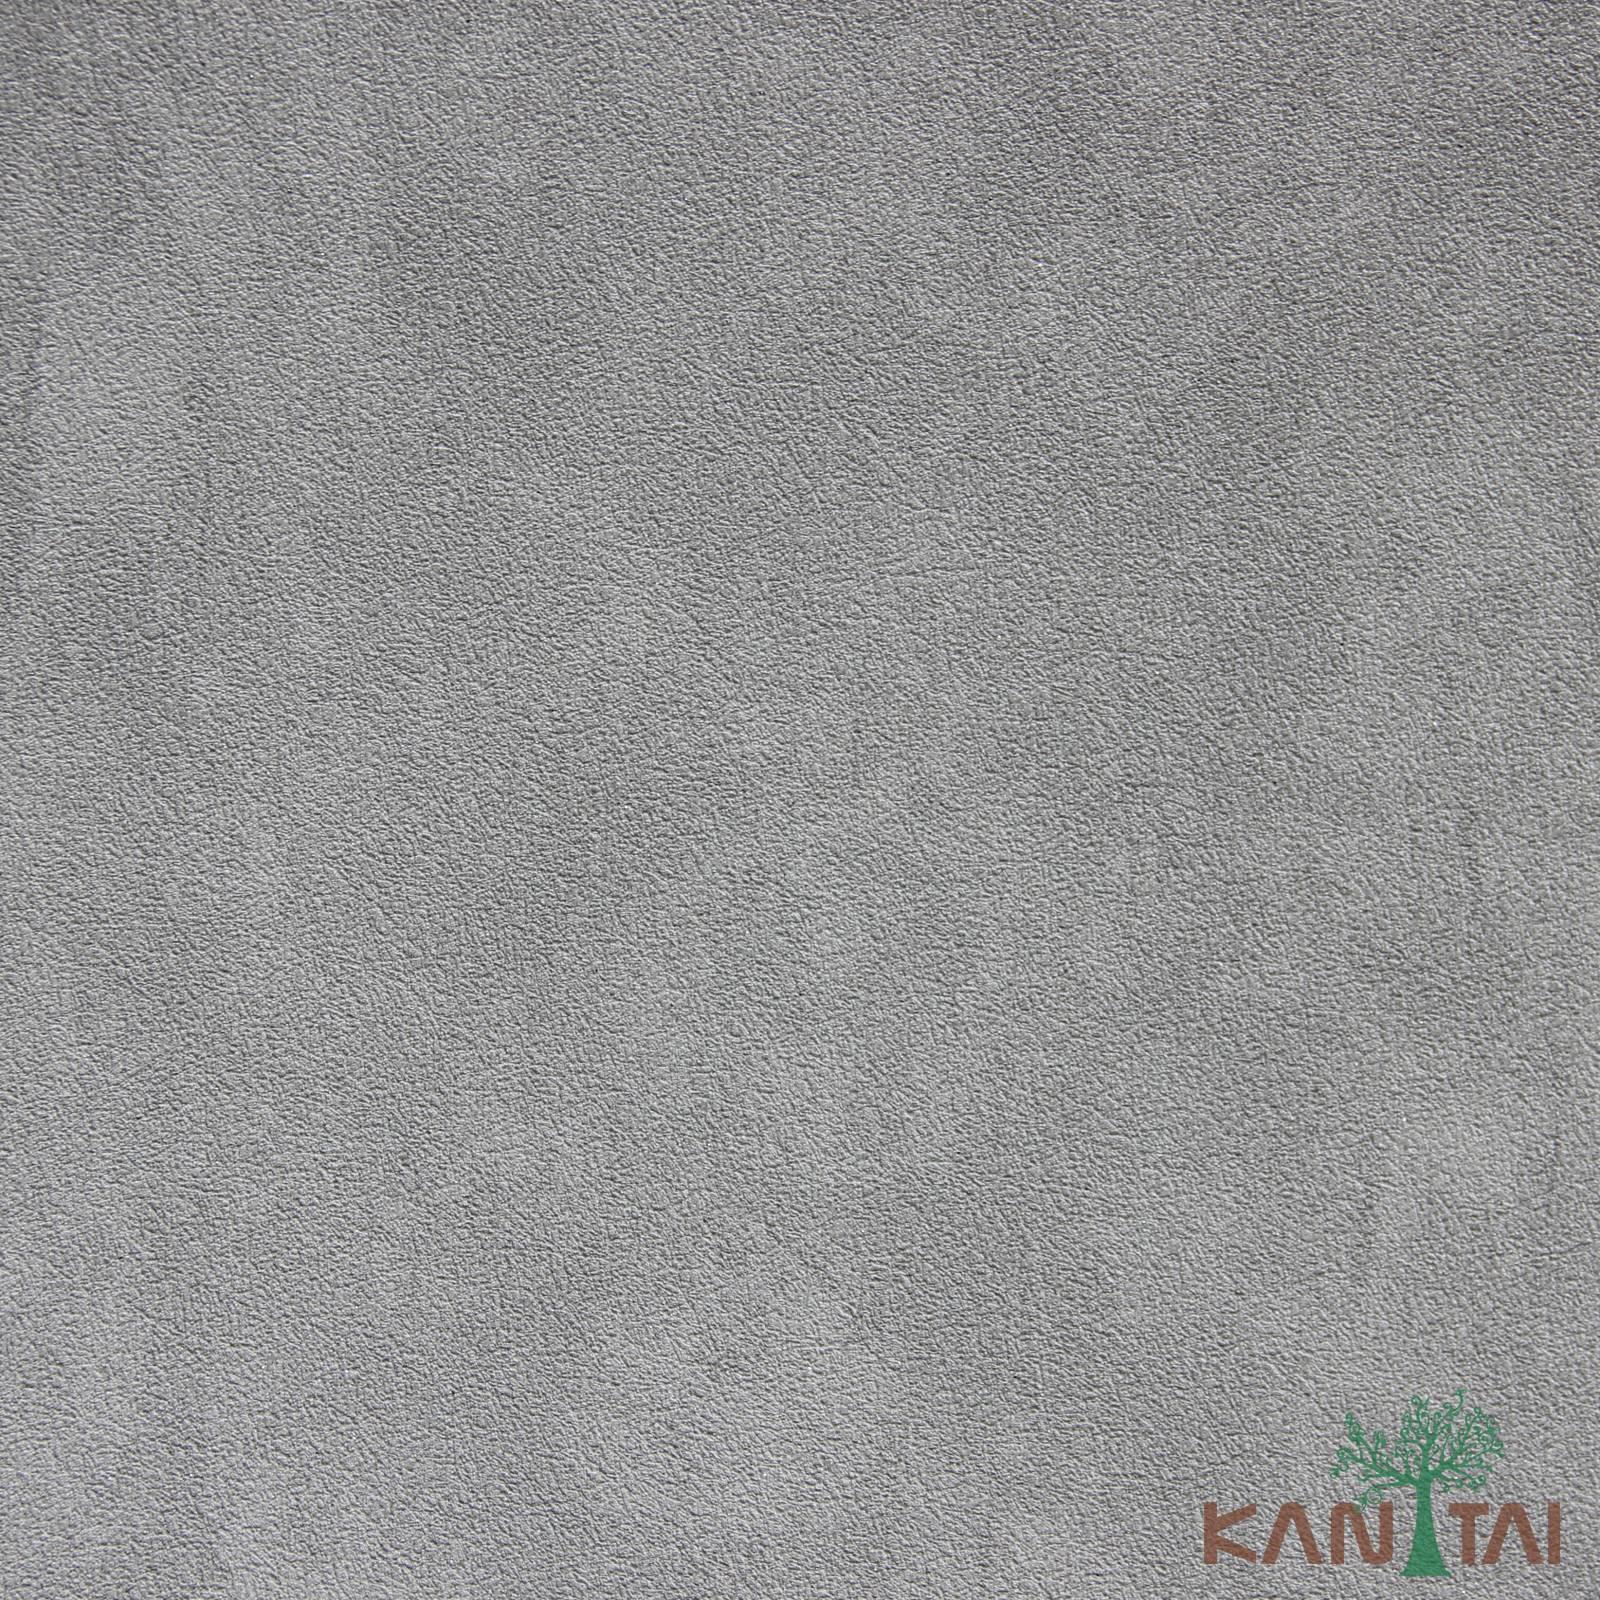 Papel de Parede Vinílico kantai Classic III imagem 1